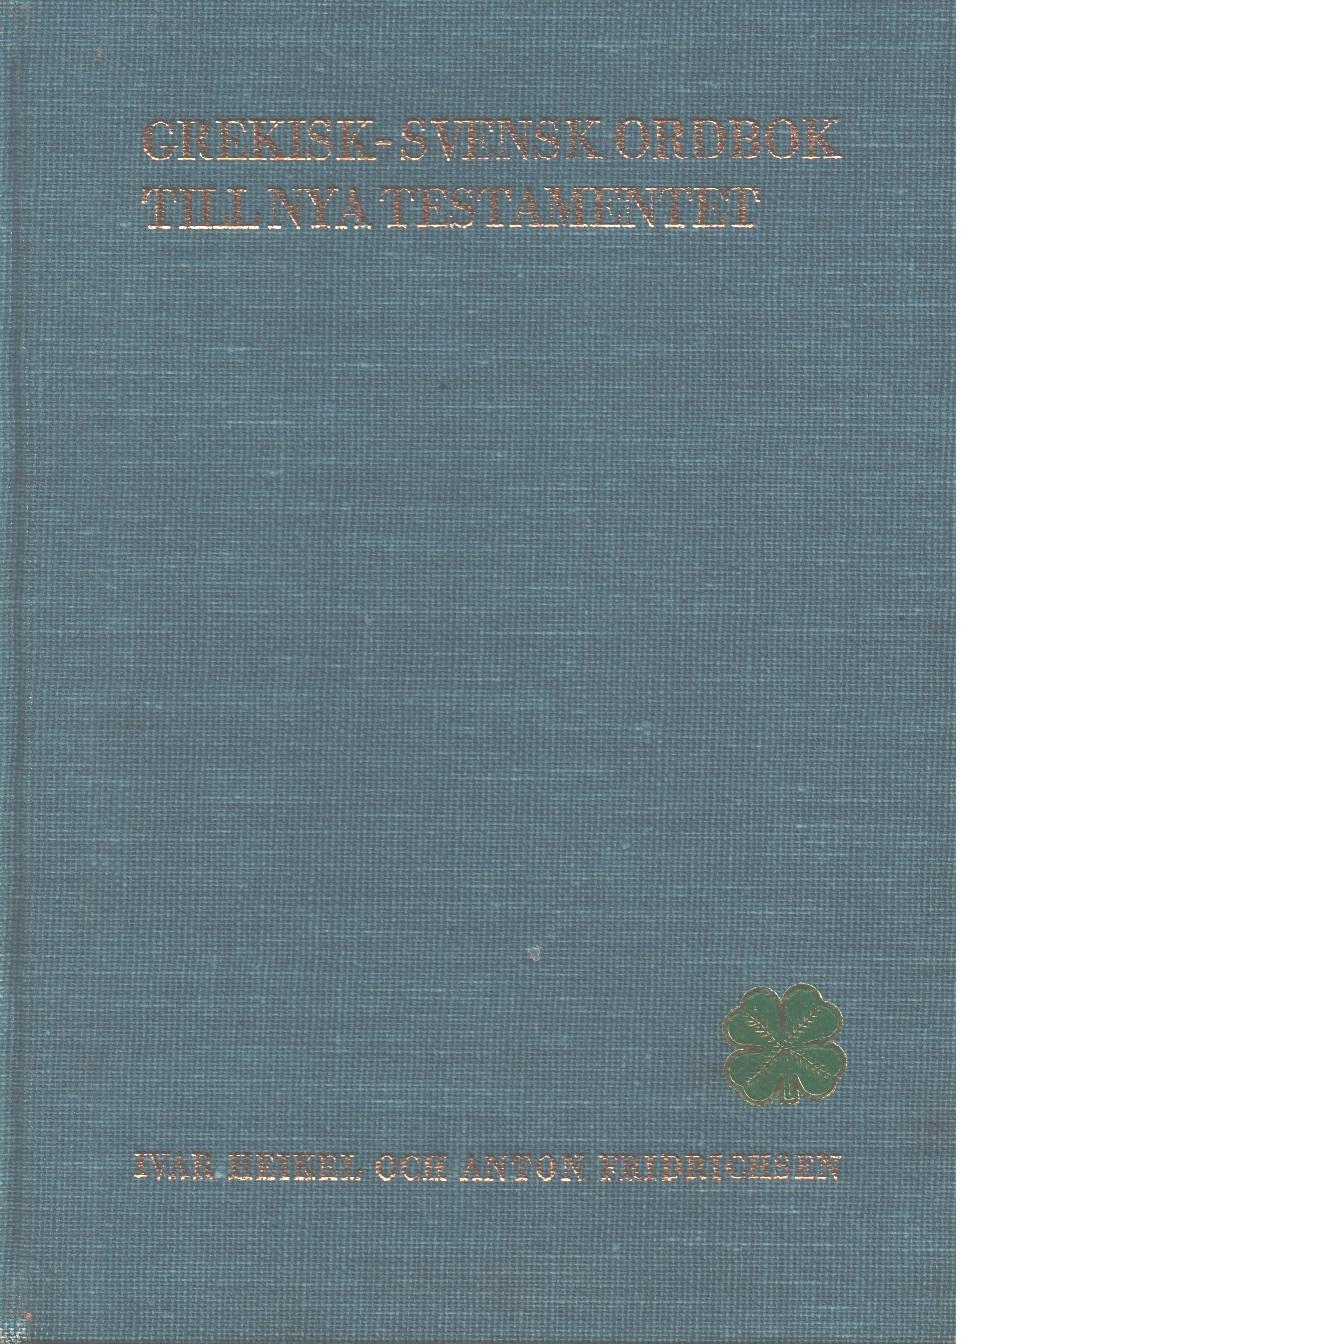 Grekisk-svensk ordbok till Nya testamentet och de apostoliska fäderna - Heikel, Ivar A, och Fridrichsen, Anton